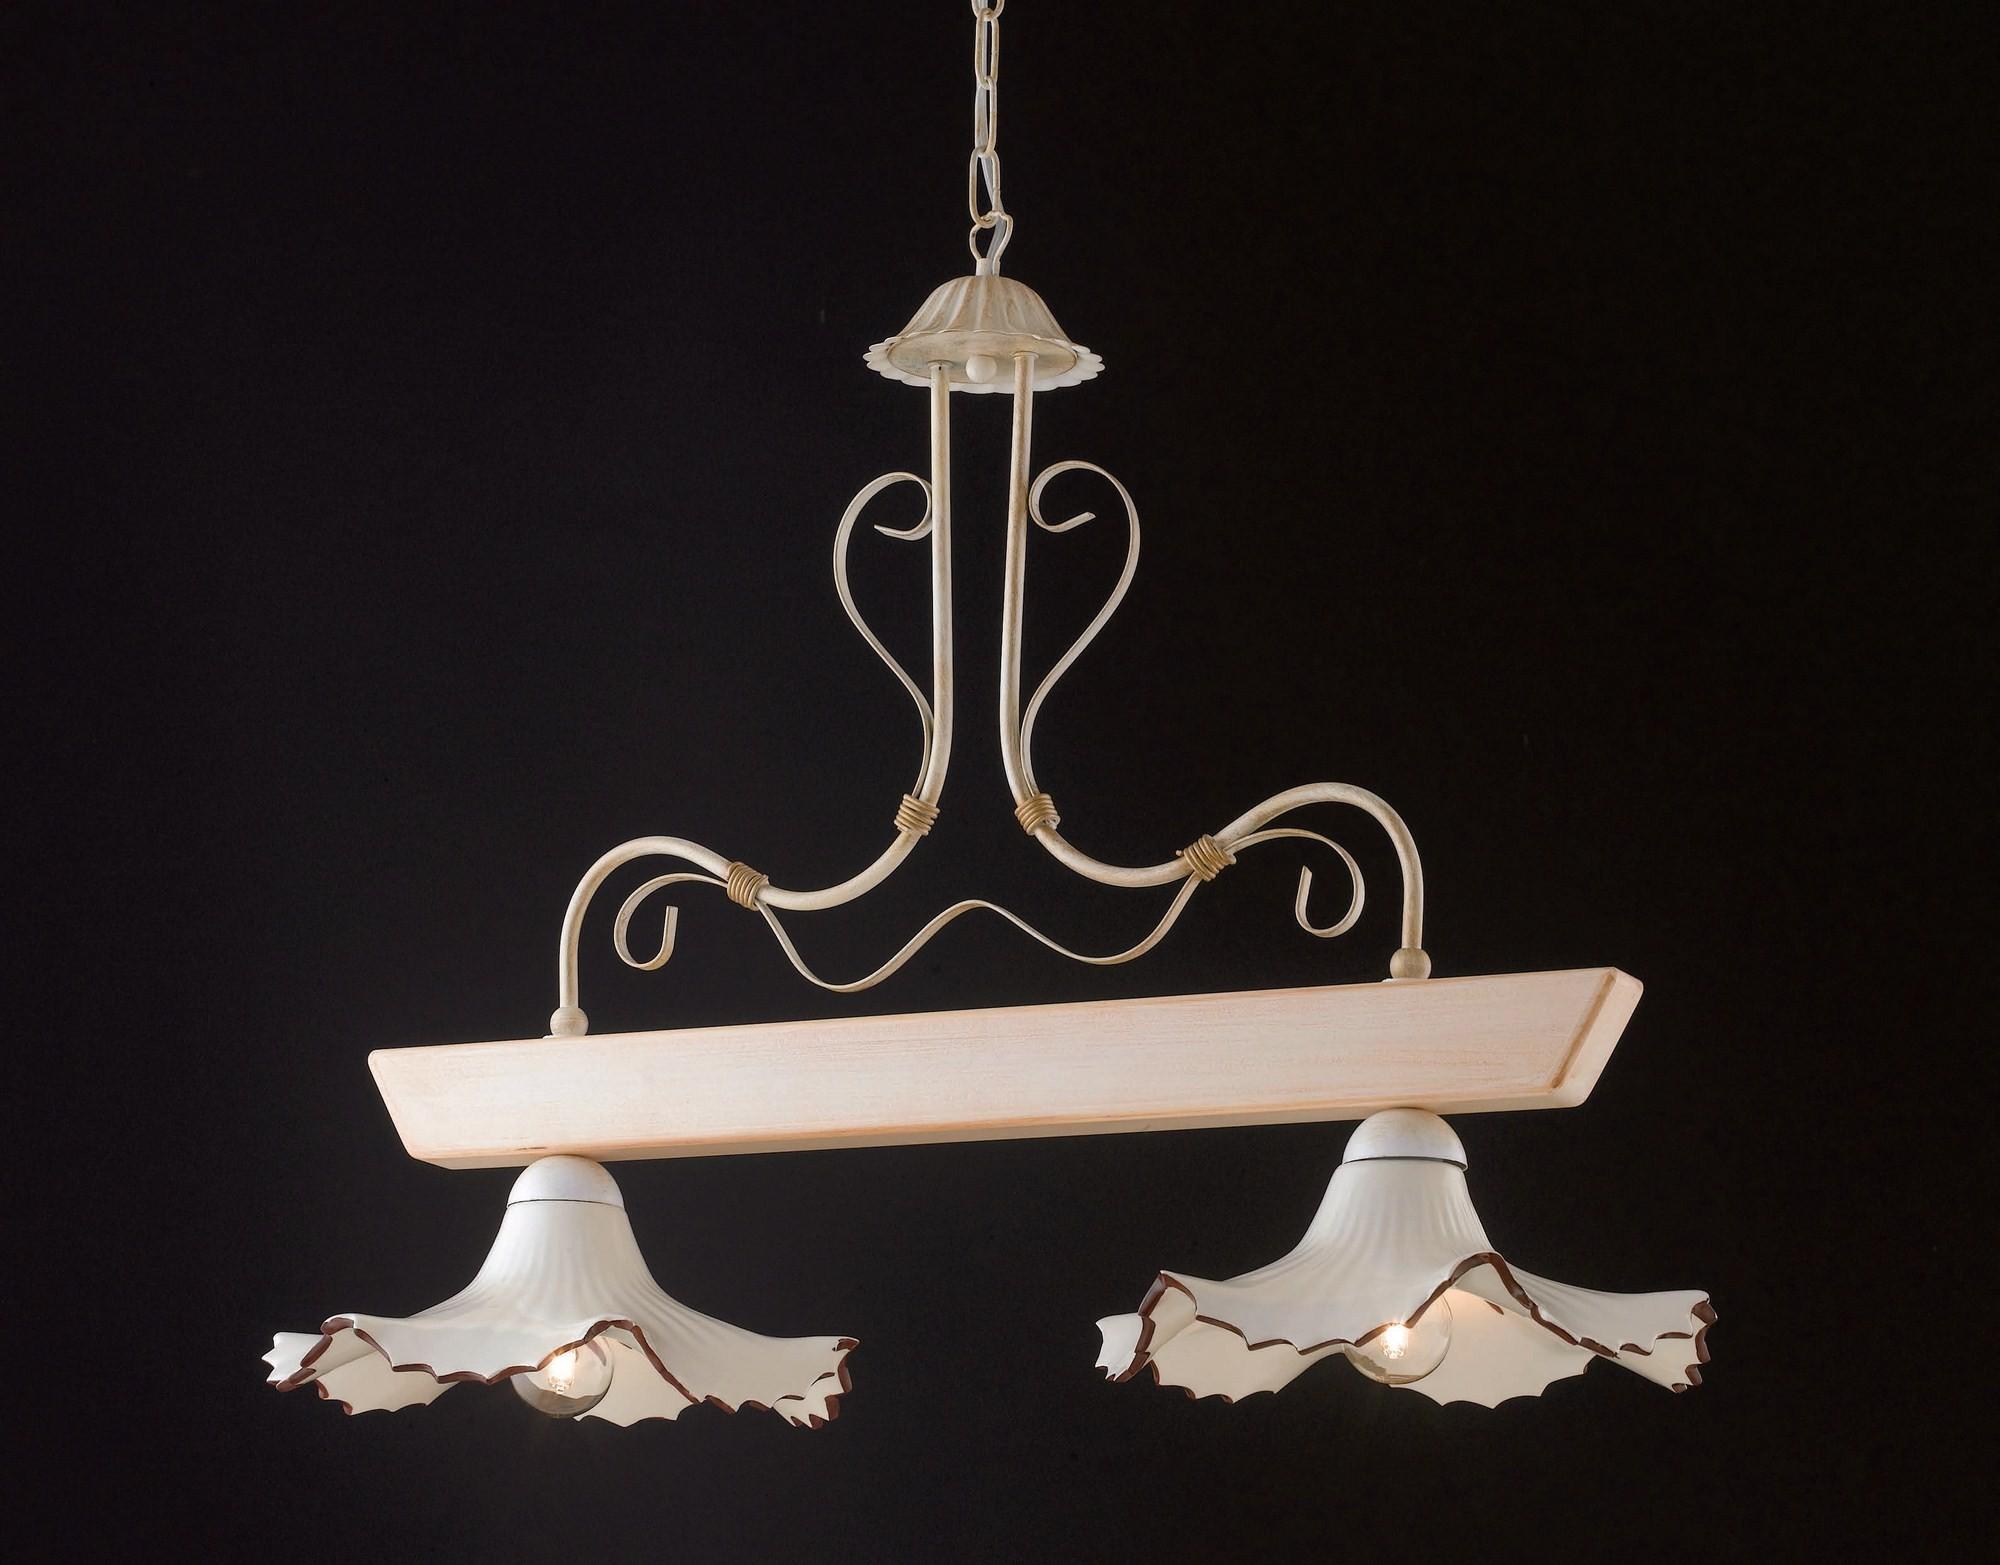 Lampadario Rustico Ceramica : Bilanciere rustico in legno avorio e ceramica luci lgt trevi